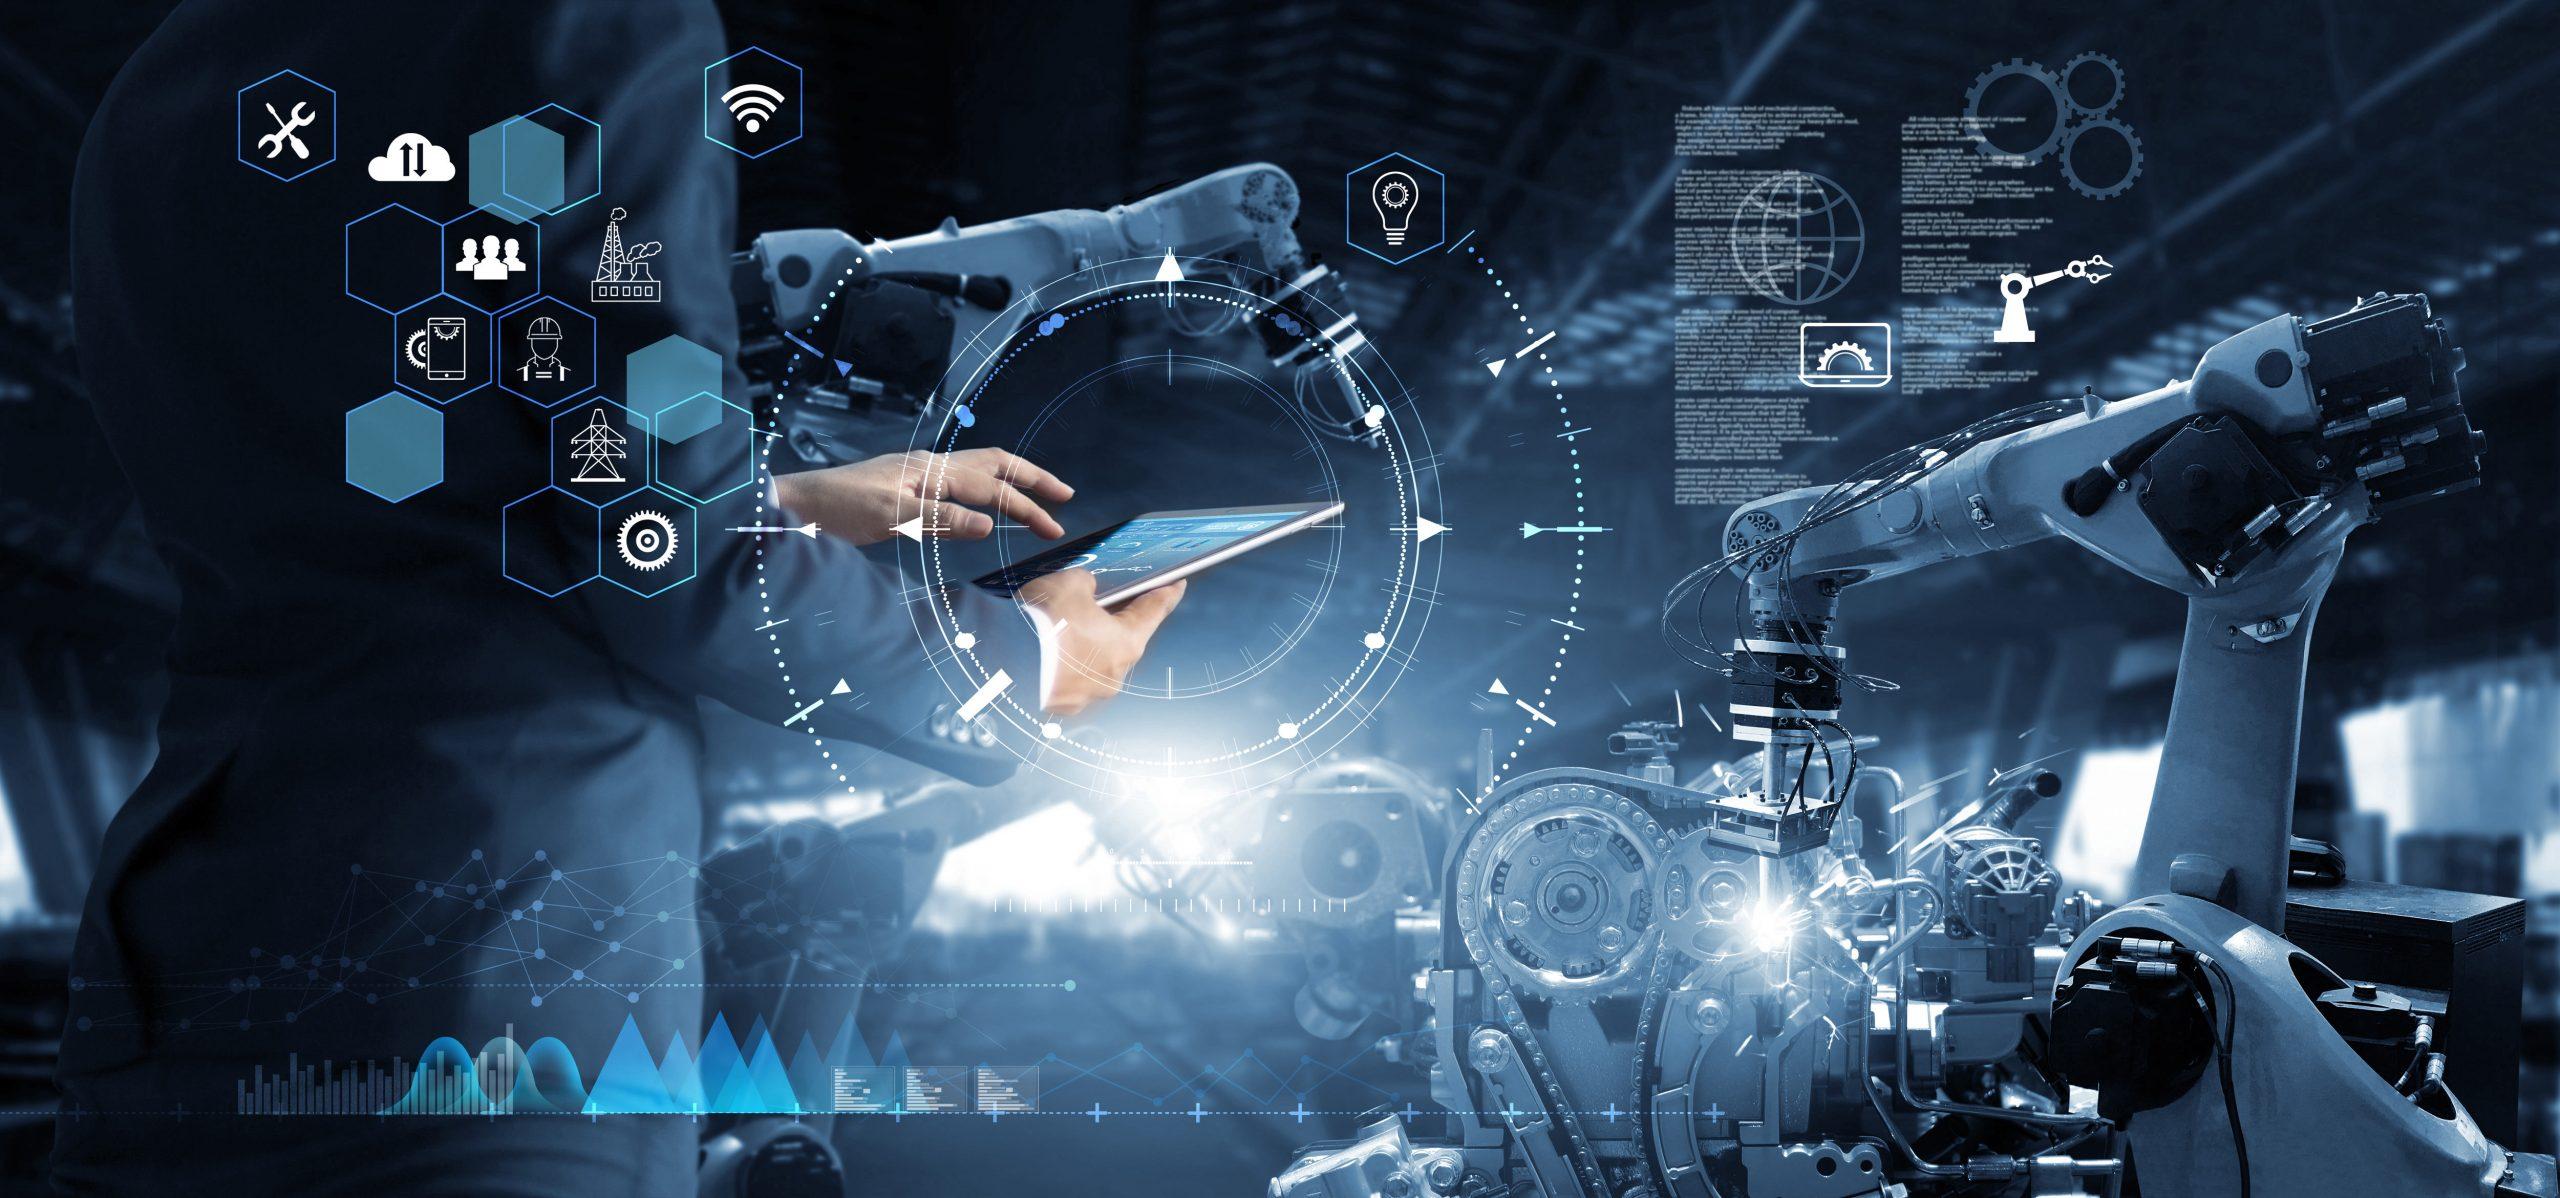 Mann mit einem Tablet, im Hintergrund ein Industrieroboter: Mit einer professionellen Anlagensimulation bzw. Anlagenplanung können Maschinenpark-Betreiber für mehr Effizienz und Produktivität sorgen!